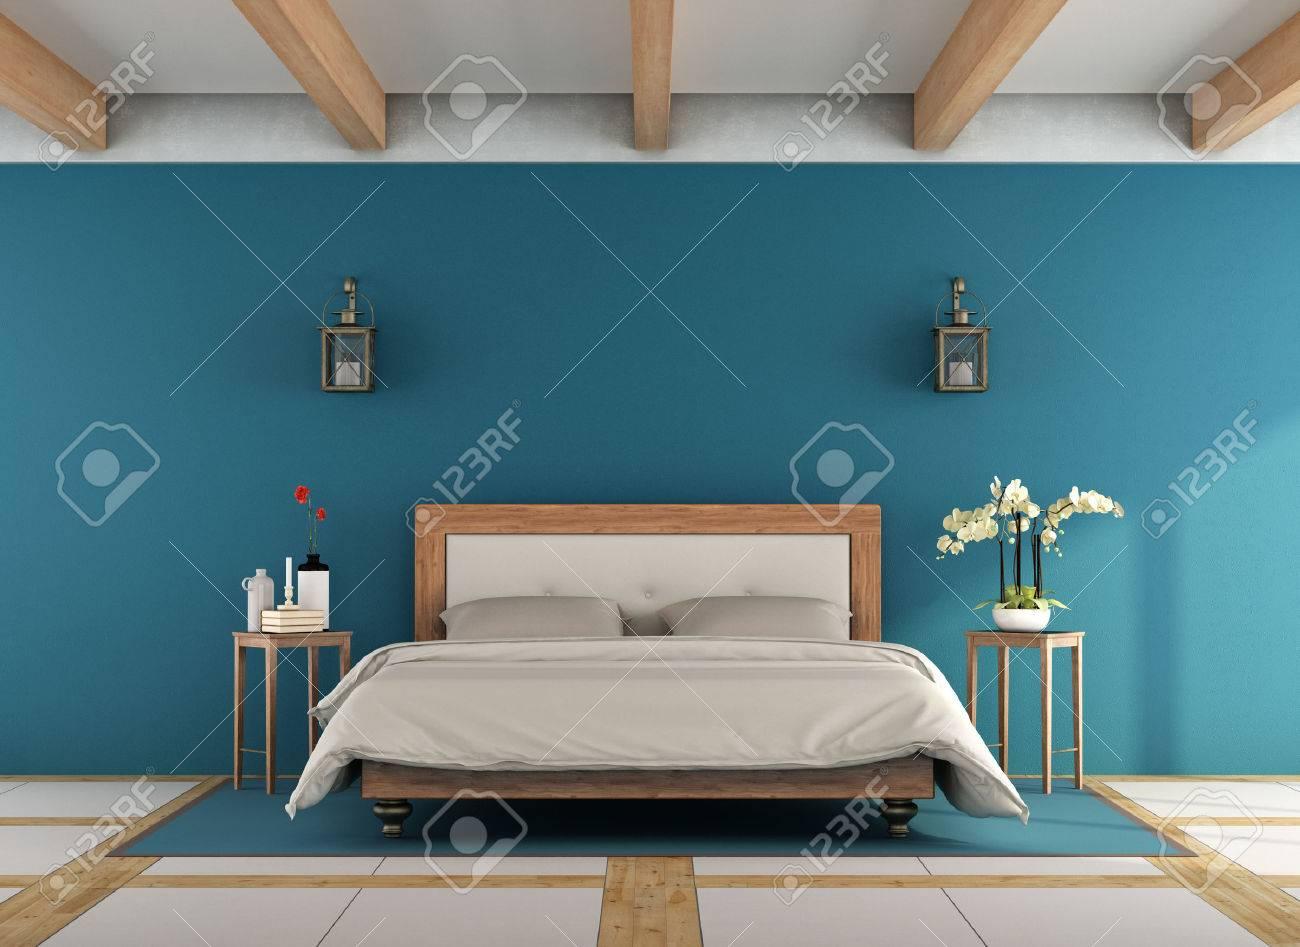 Camera Da Letto Blu : Immagini stock classico blu camera da letto con retrò letto